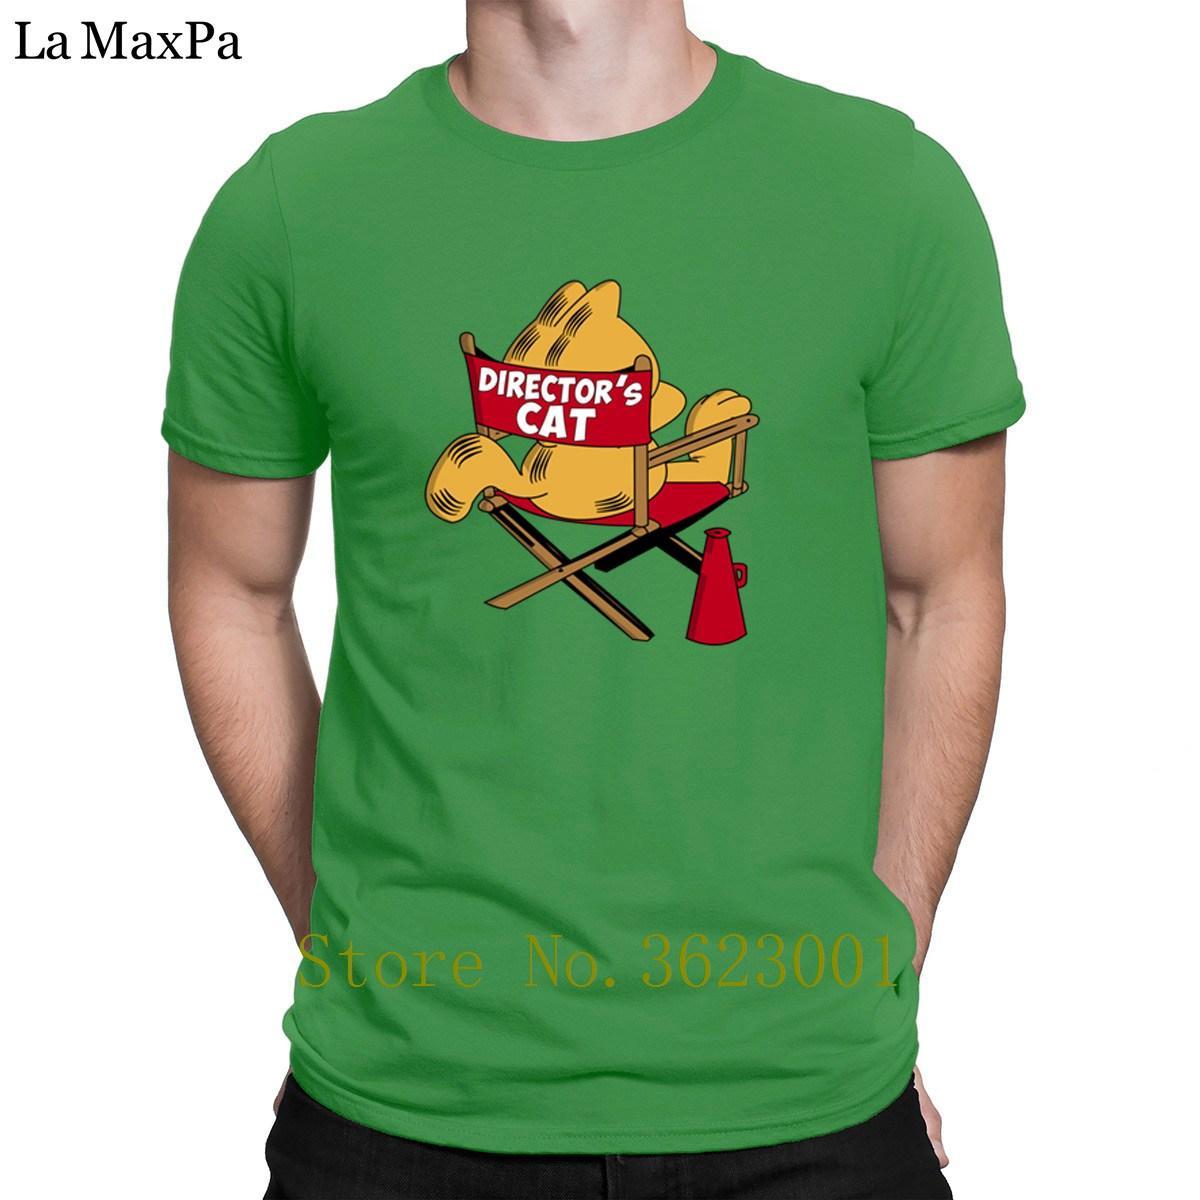 Imprimé Euro Taille T-shirt T-shirt des hommes de chat de Directeur Pop Top Tee original T-shirt d'été T-shirt homme génial meilleur